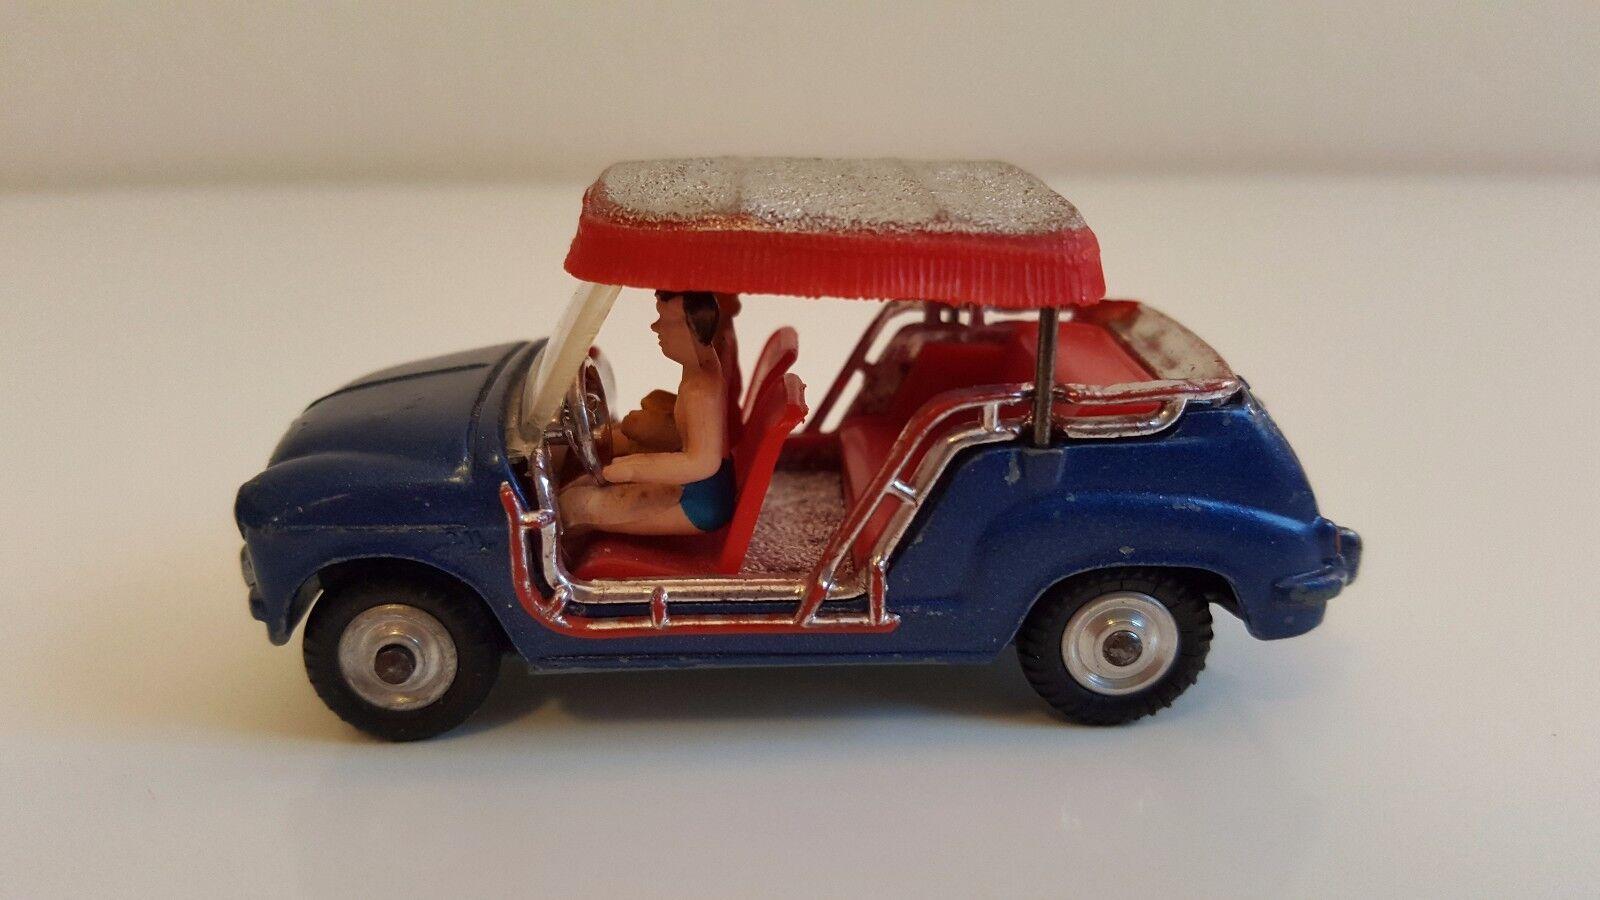 Corgi Toys - 240 - Ghia Fiat 600 Jolly (1 43)